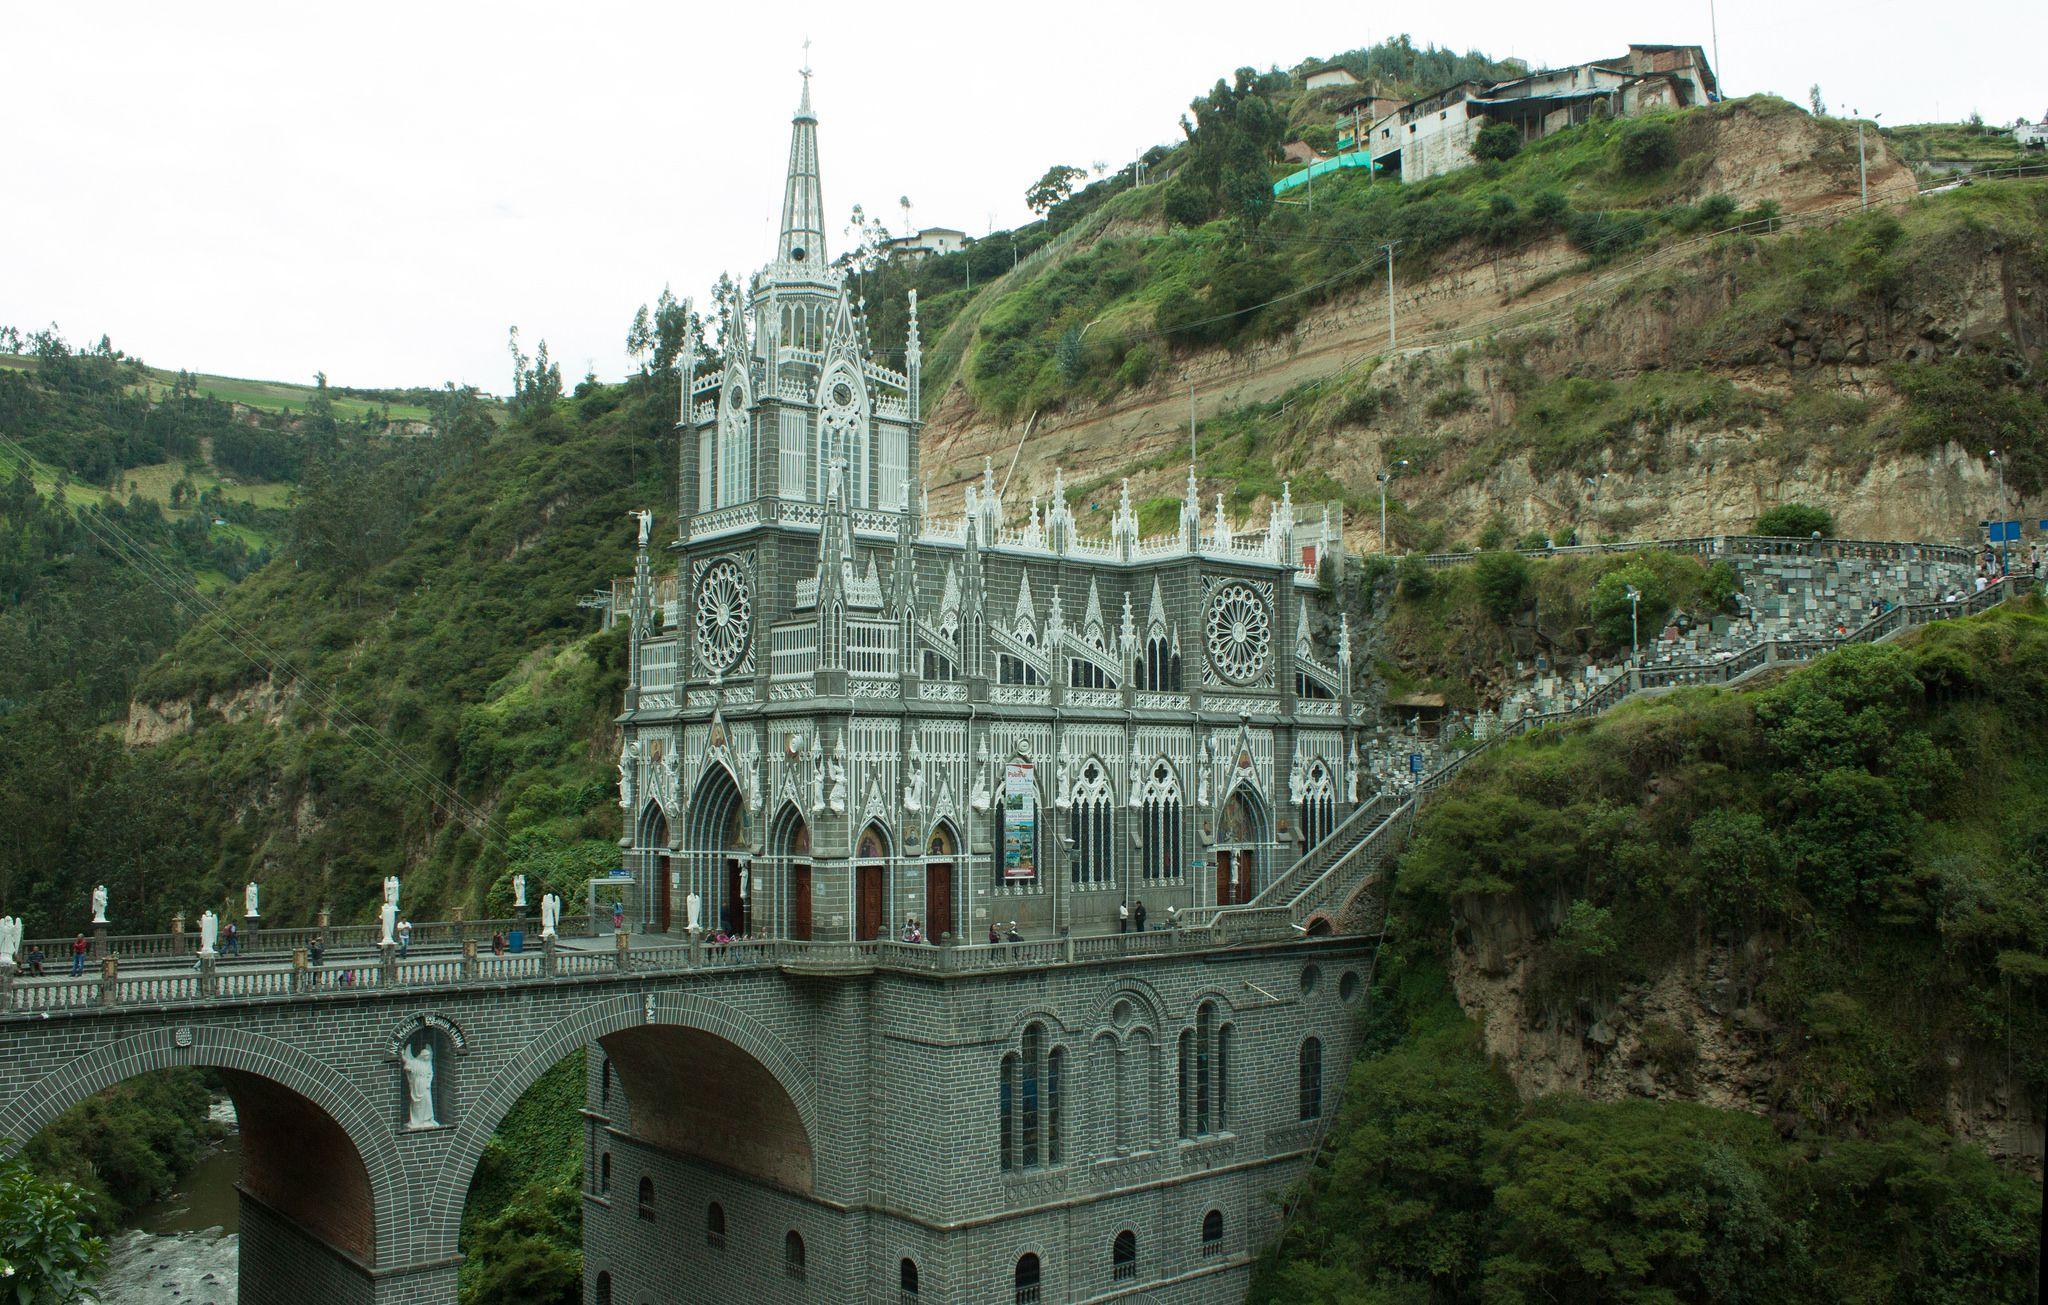 https://flic.kr/p/yDcTjA | Santuario de las lajas - Templo 1